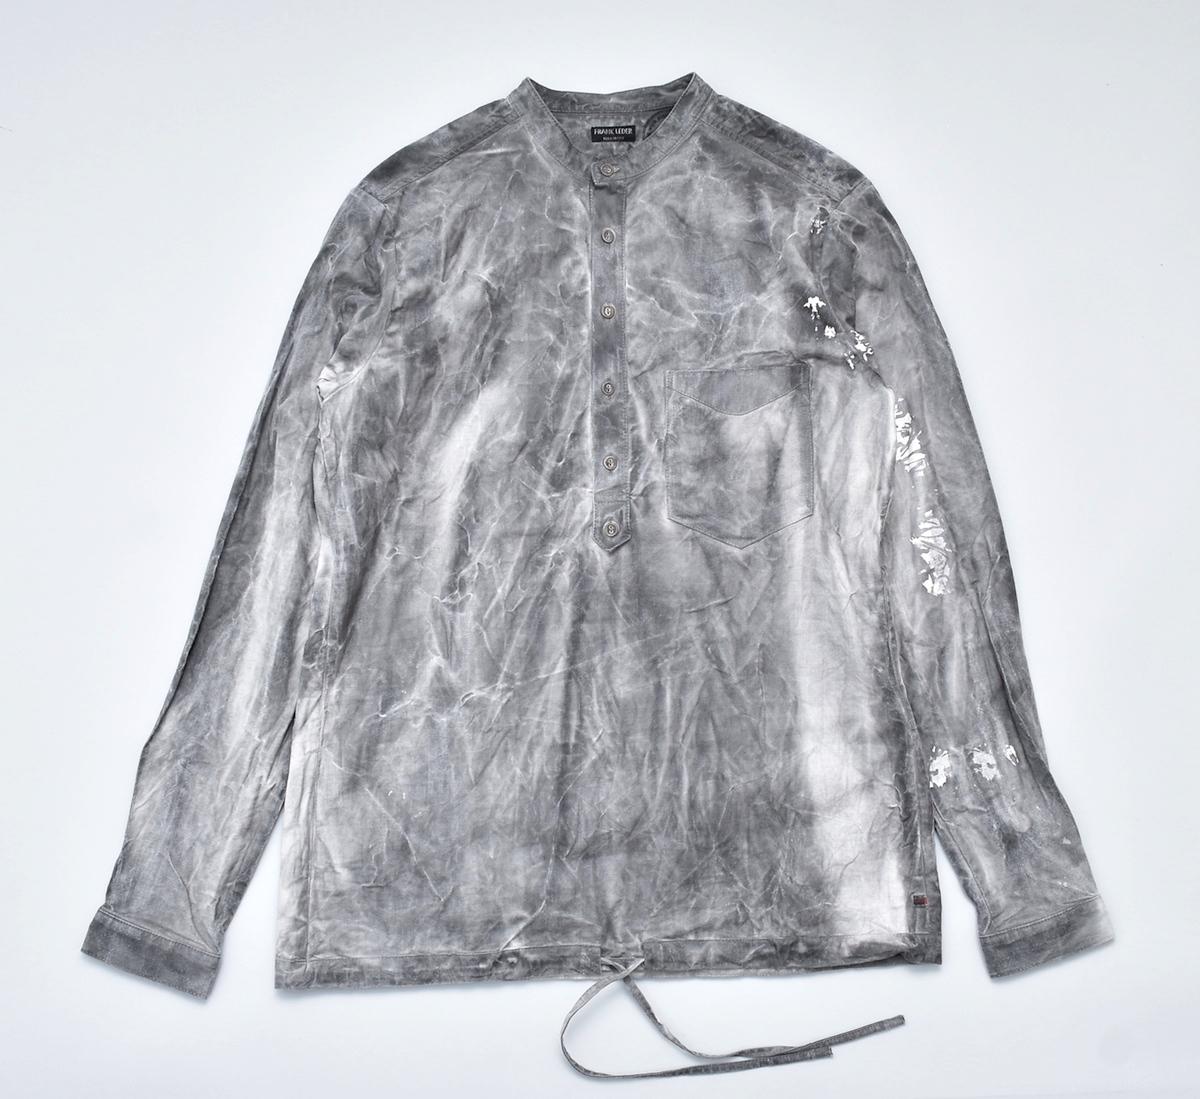 FRANK LEDER 「INK DYED VINTAGE BEDSHEET PULLOVER SHIRT」